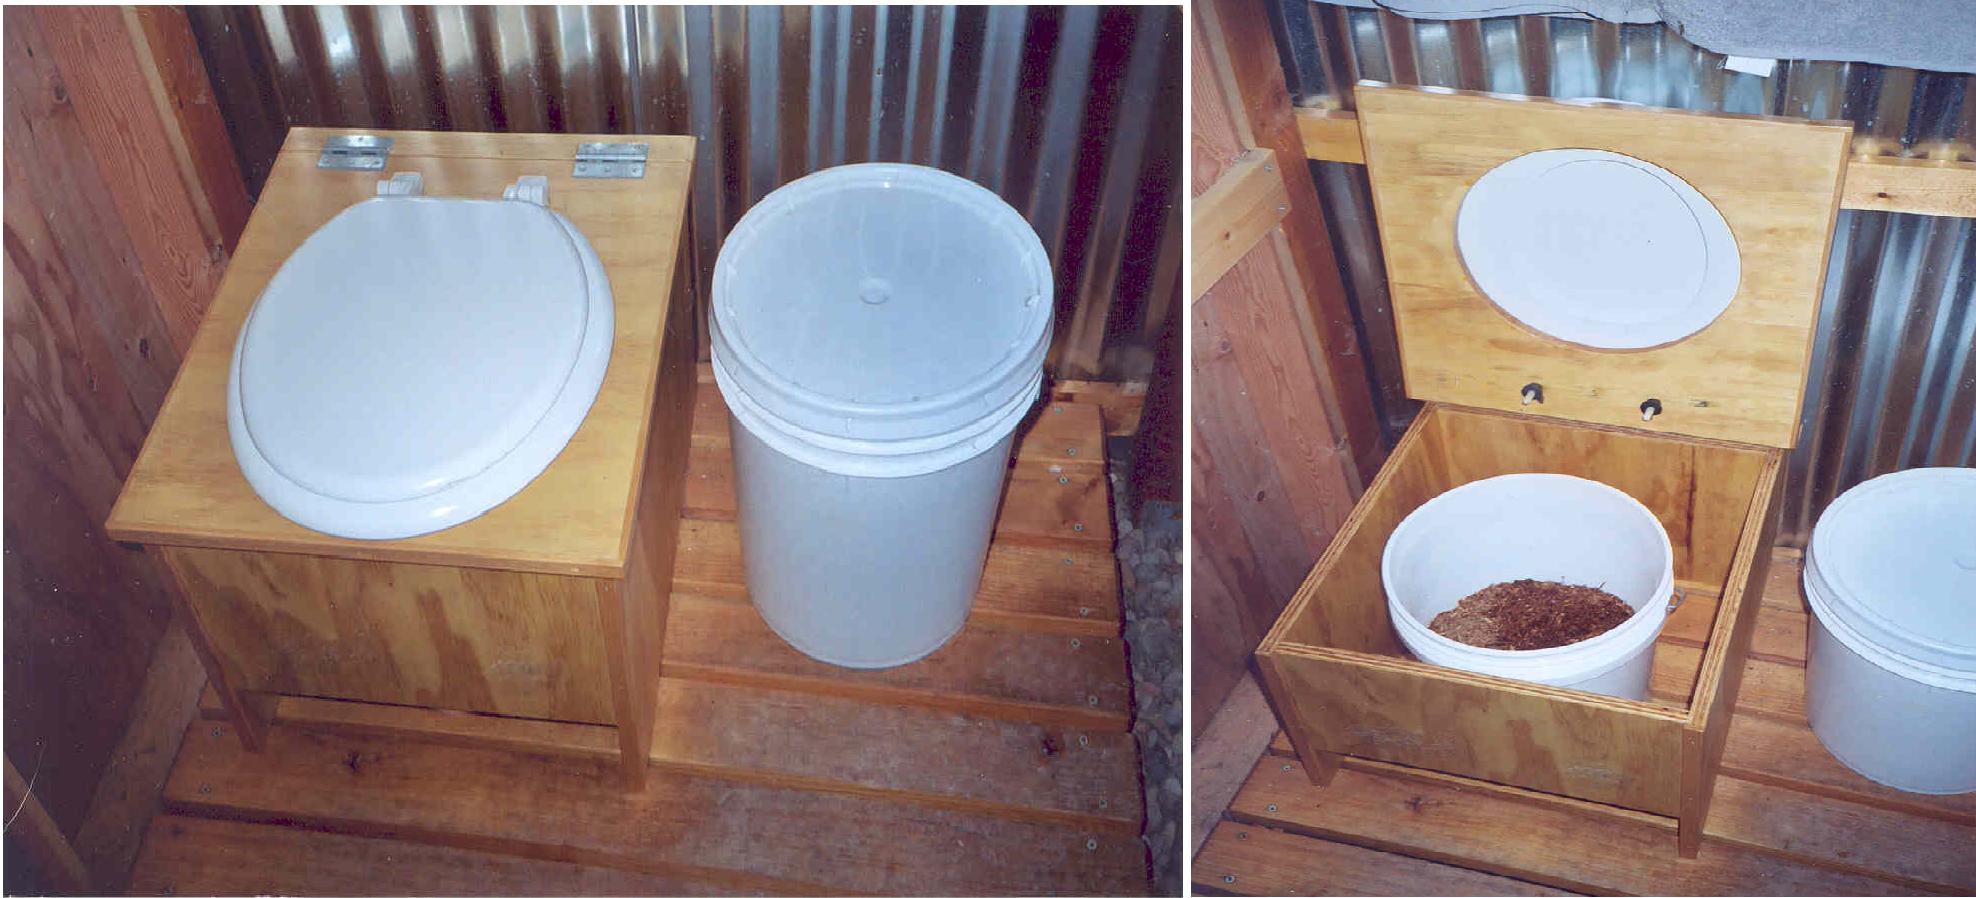 Изготовление дачного туалета своими руками видео